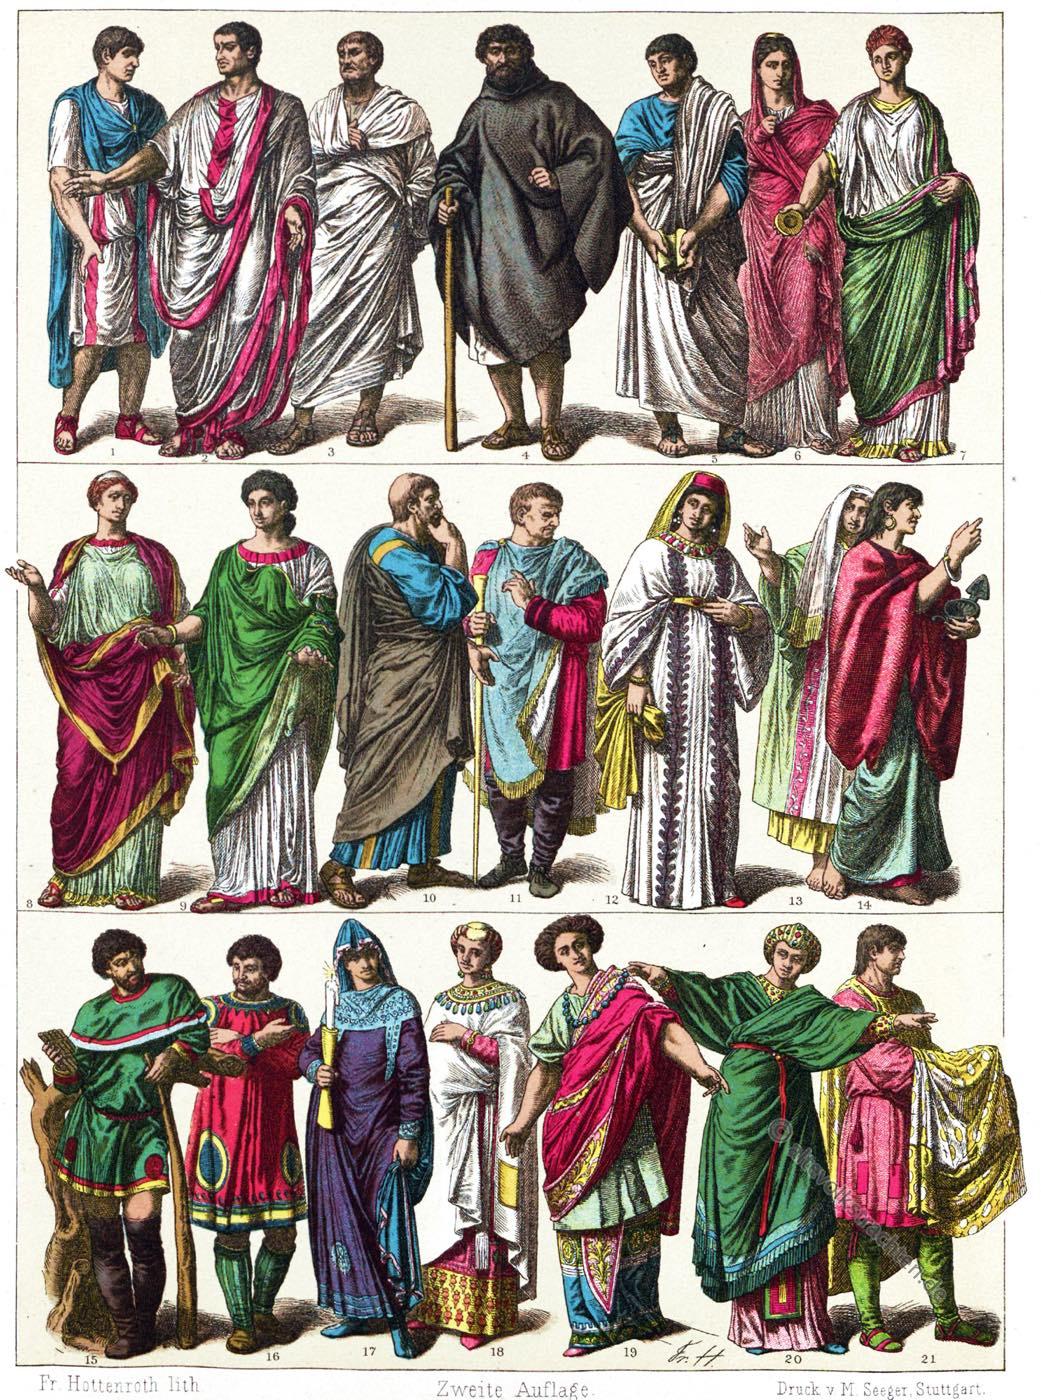 Friedrich Hottenroth, Gewandung, Antike, Mittelalter, Italiener, Römer, Byzanz, Urchristen,